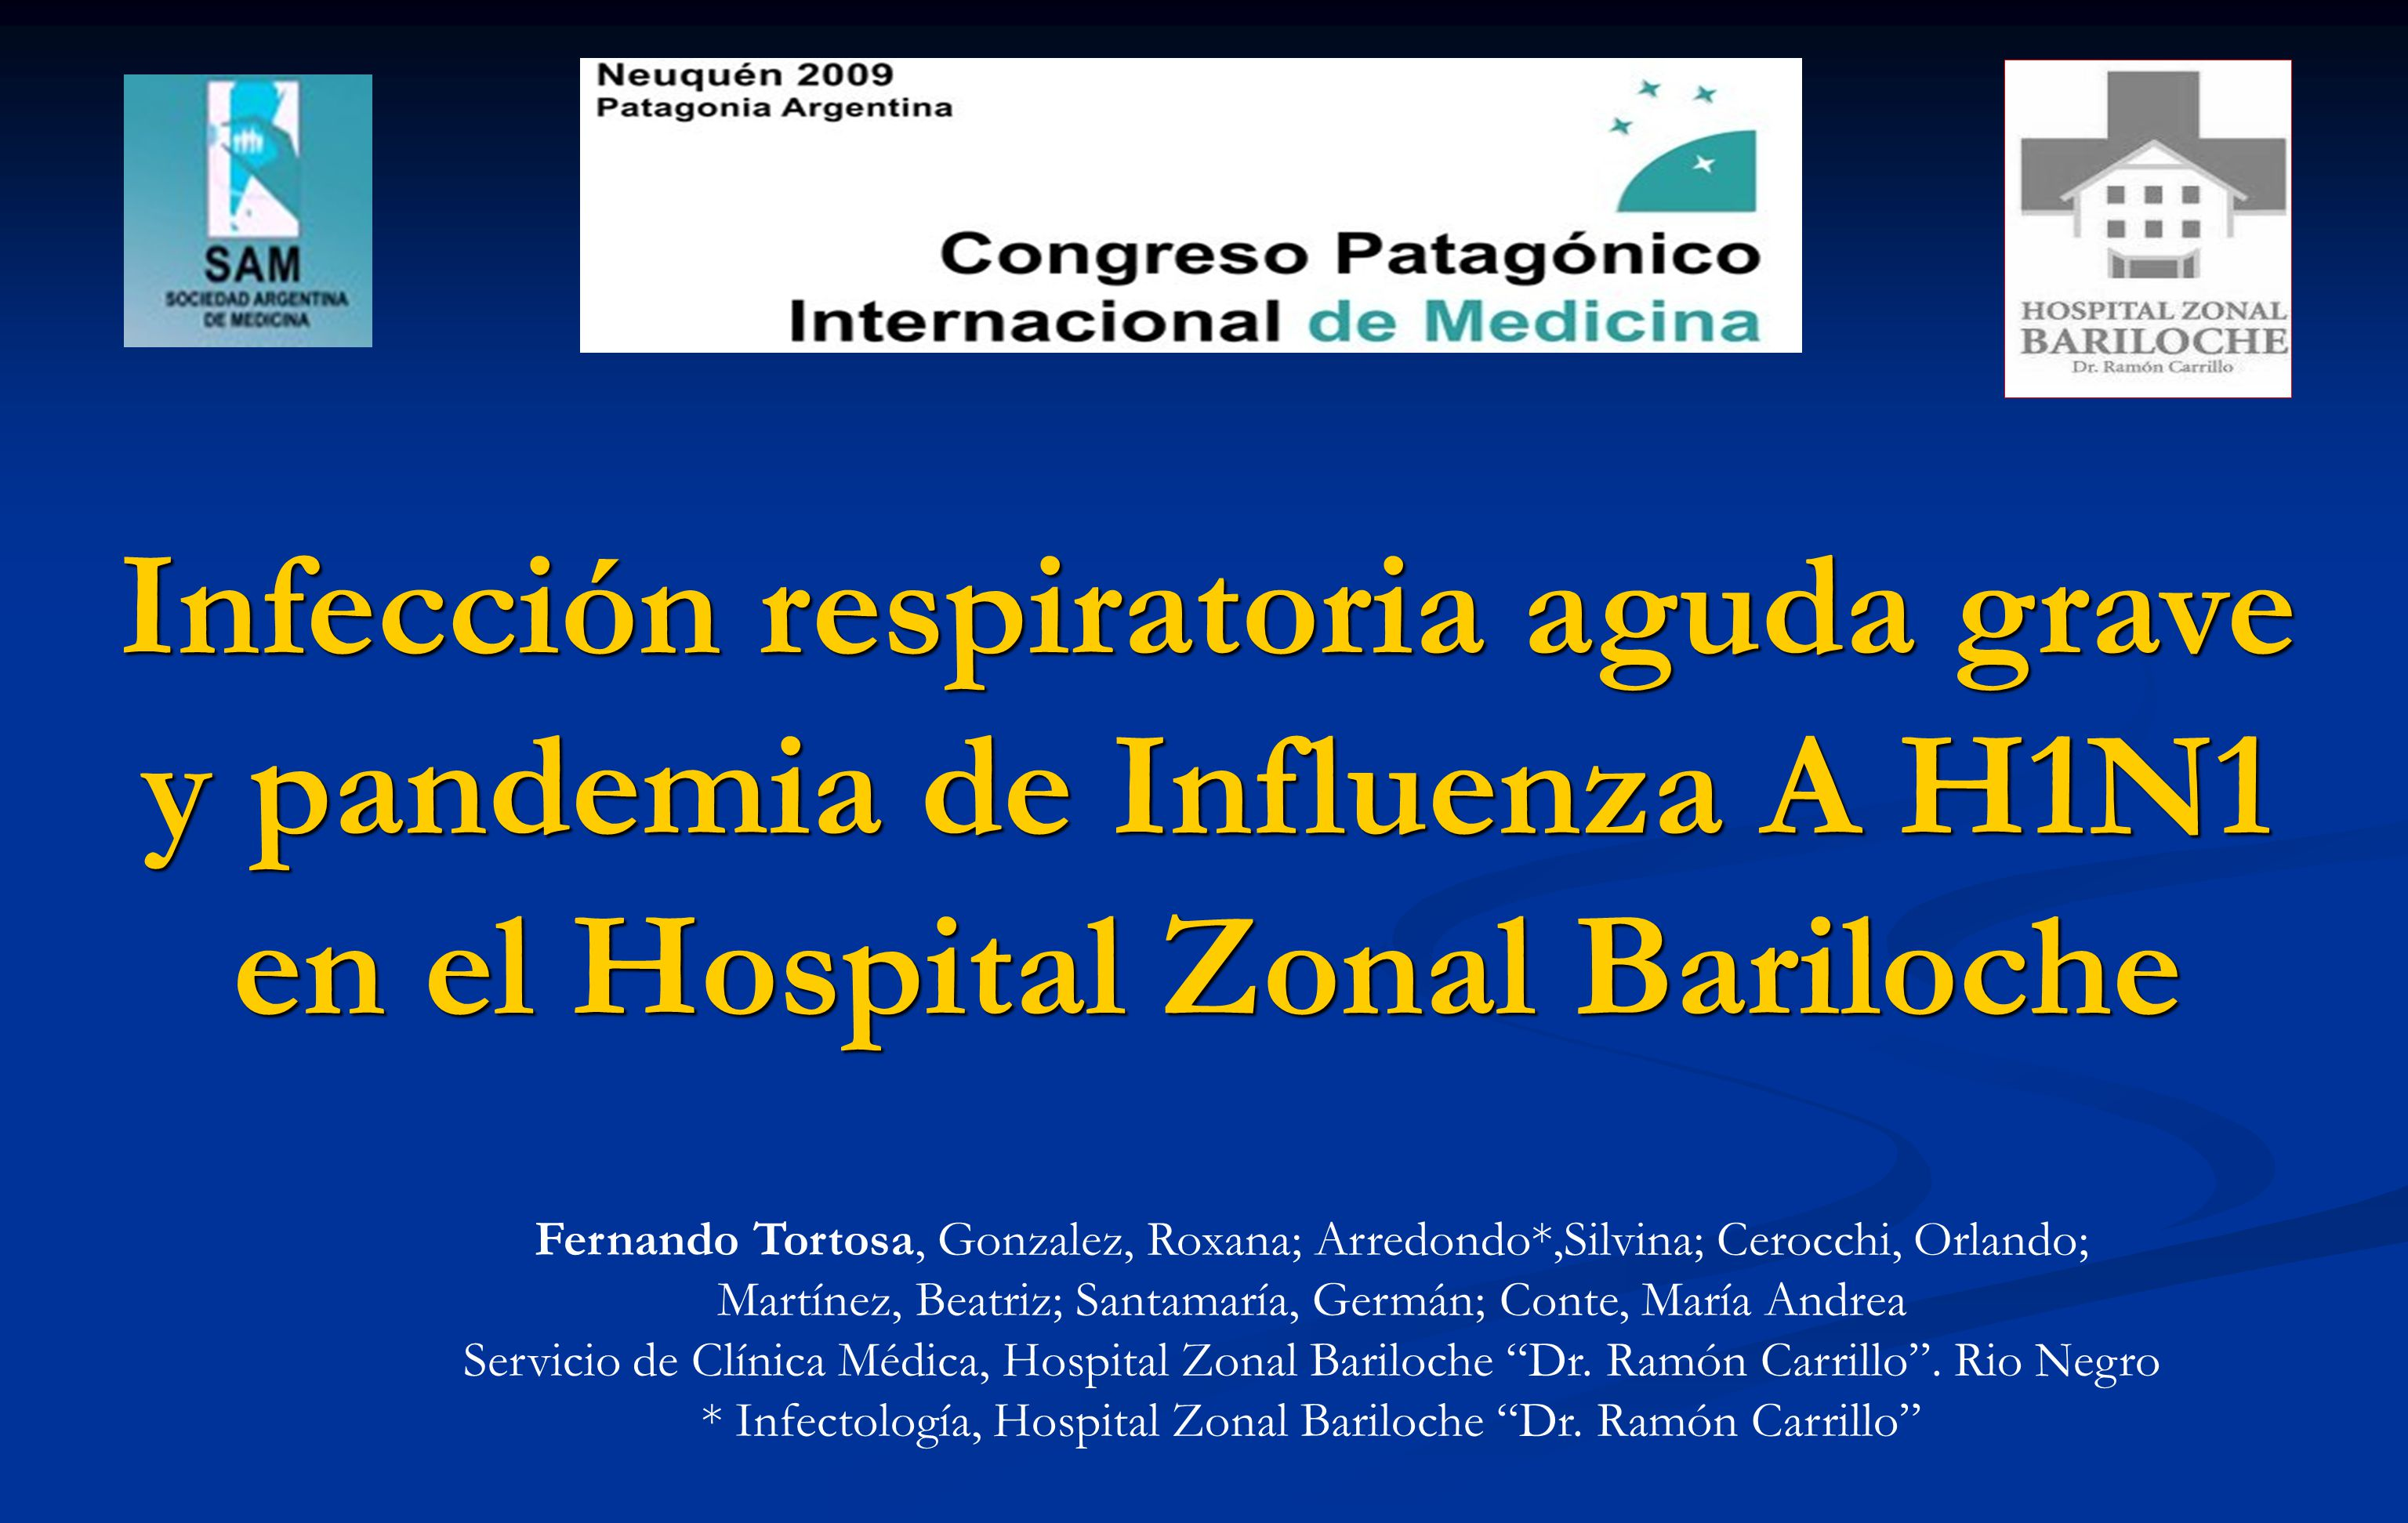 Infección respiratoria aguda grave y pandemia de Influenza A H1N1 en el Hospital Zonal Bariloche